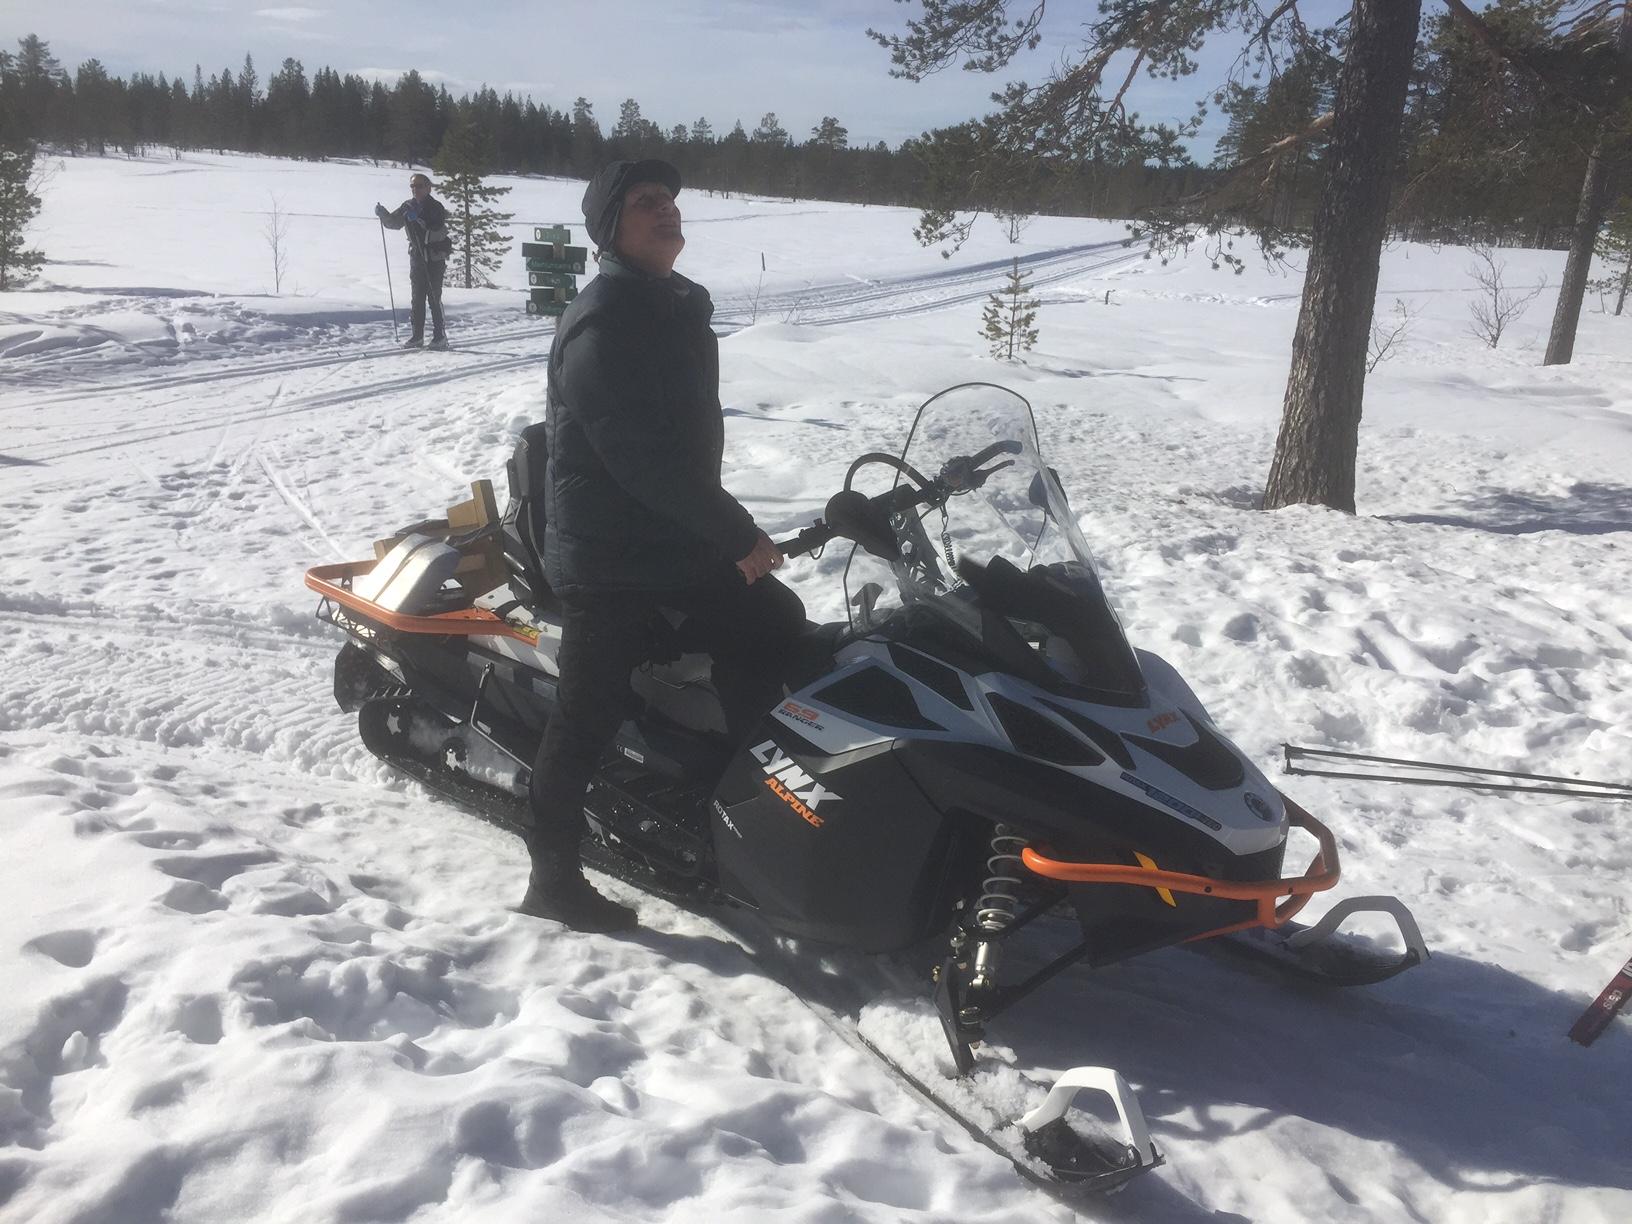 Roar Myhre med ny scooter